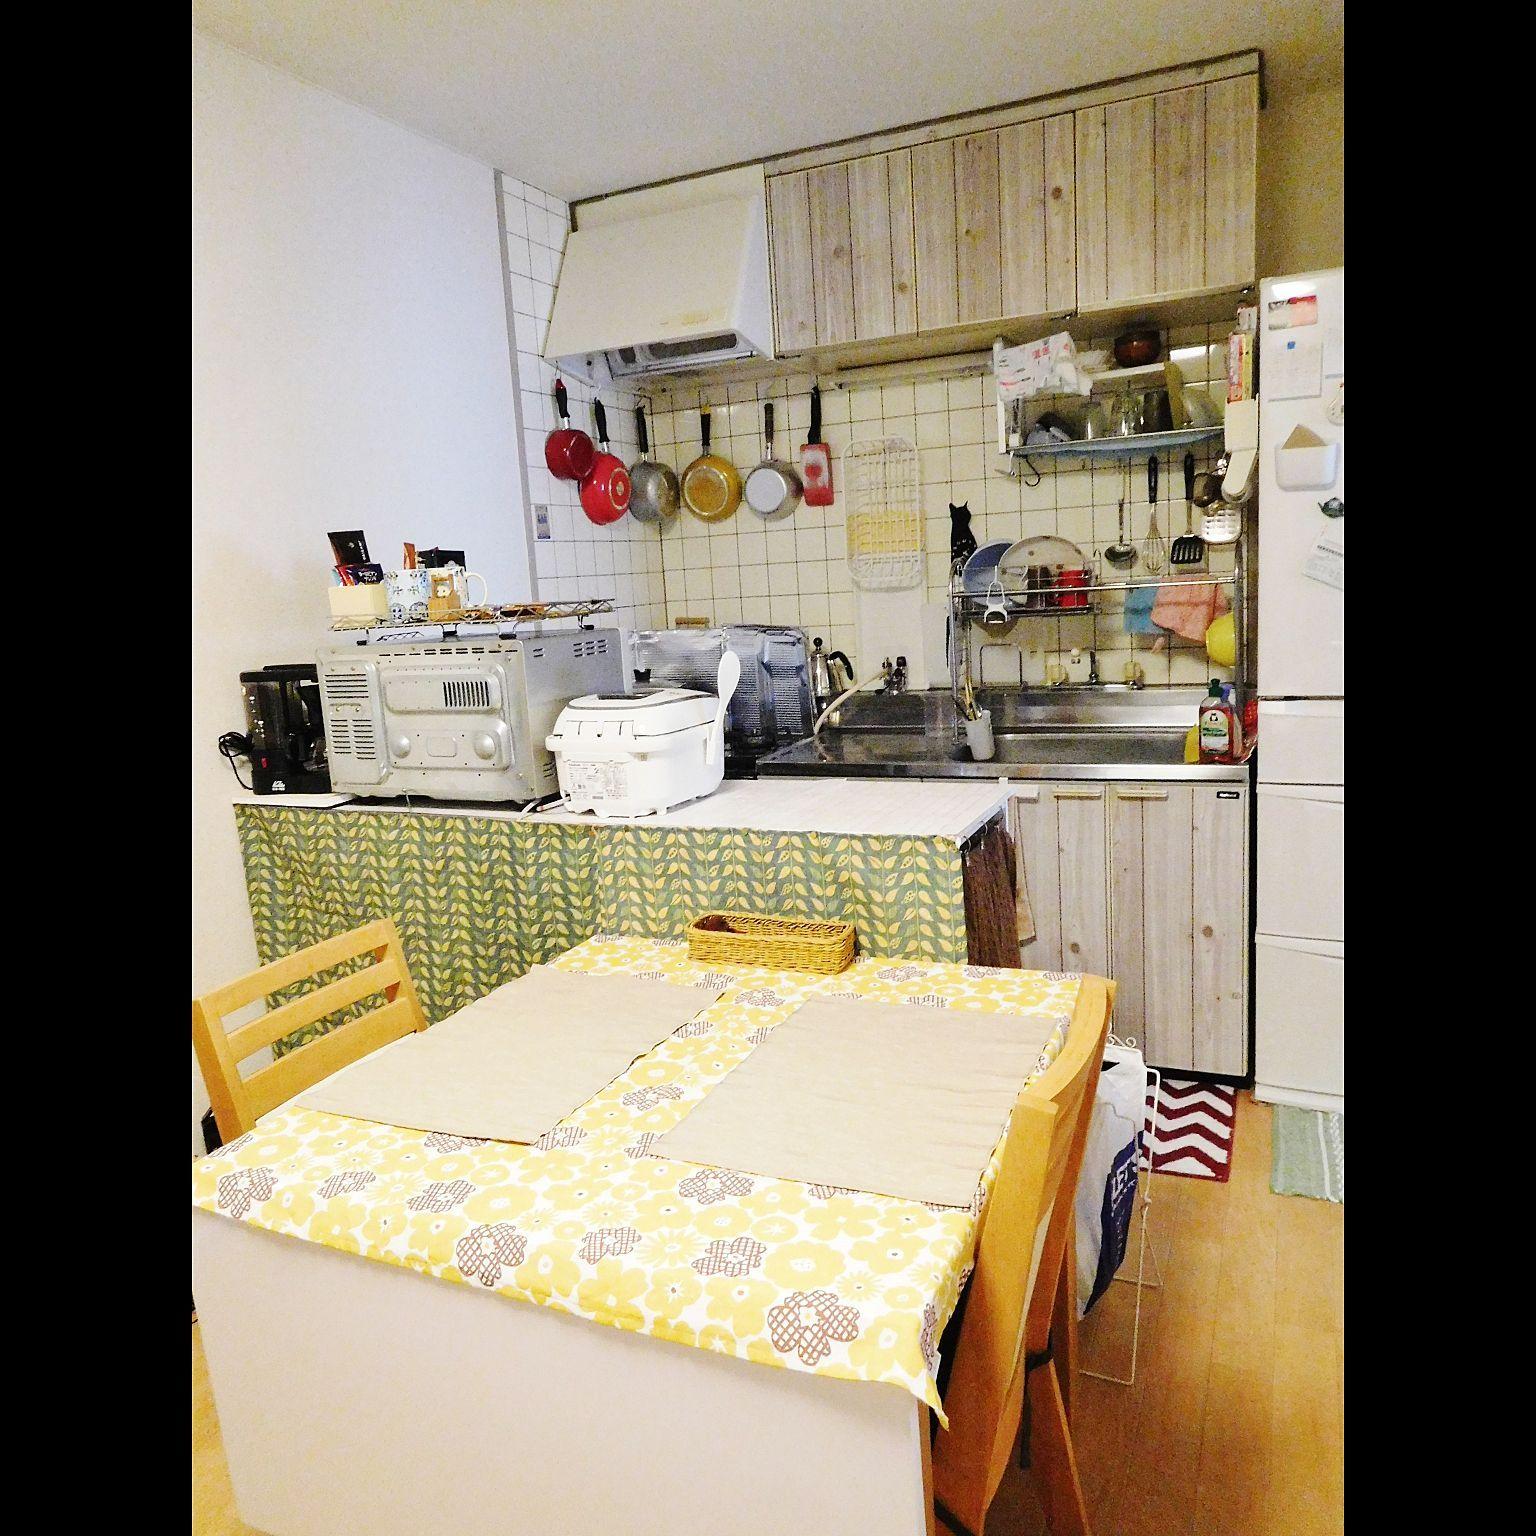 Kitchen Impossible 31 07: キッチン/100均/賃貸/リメイクシート/木目調シート/2人暮らし...などのインテリア実例